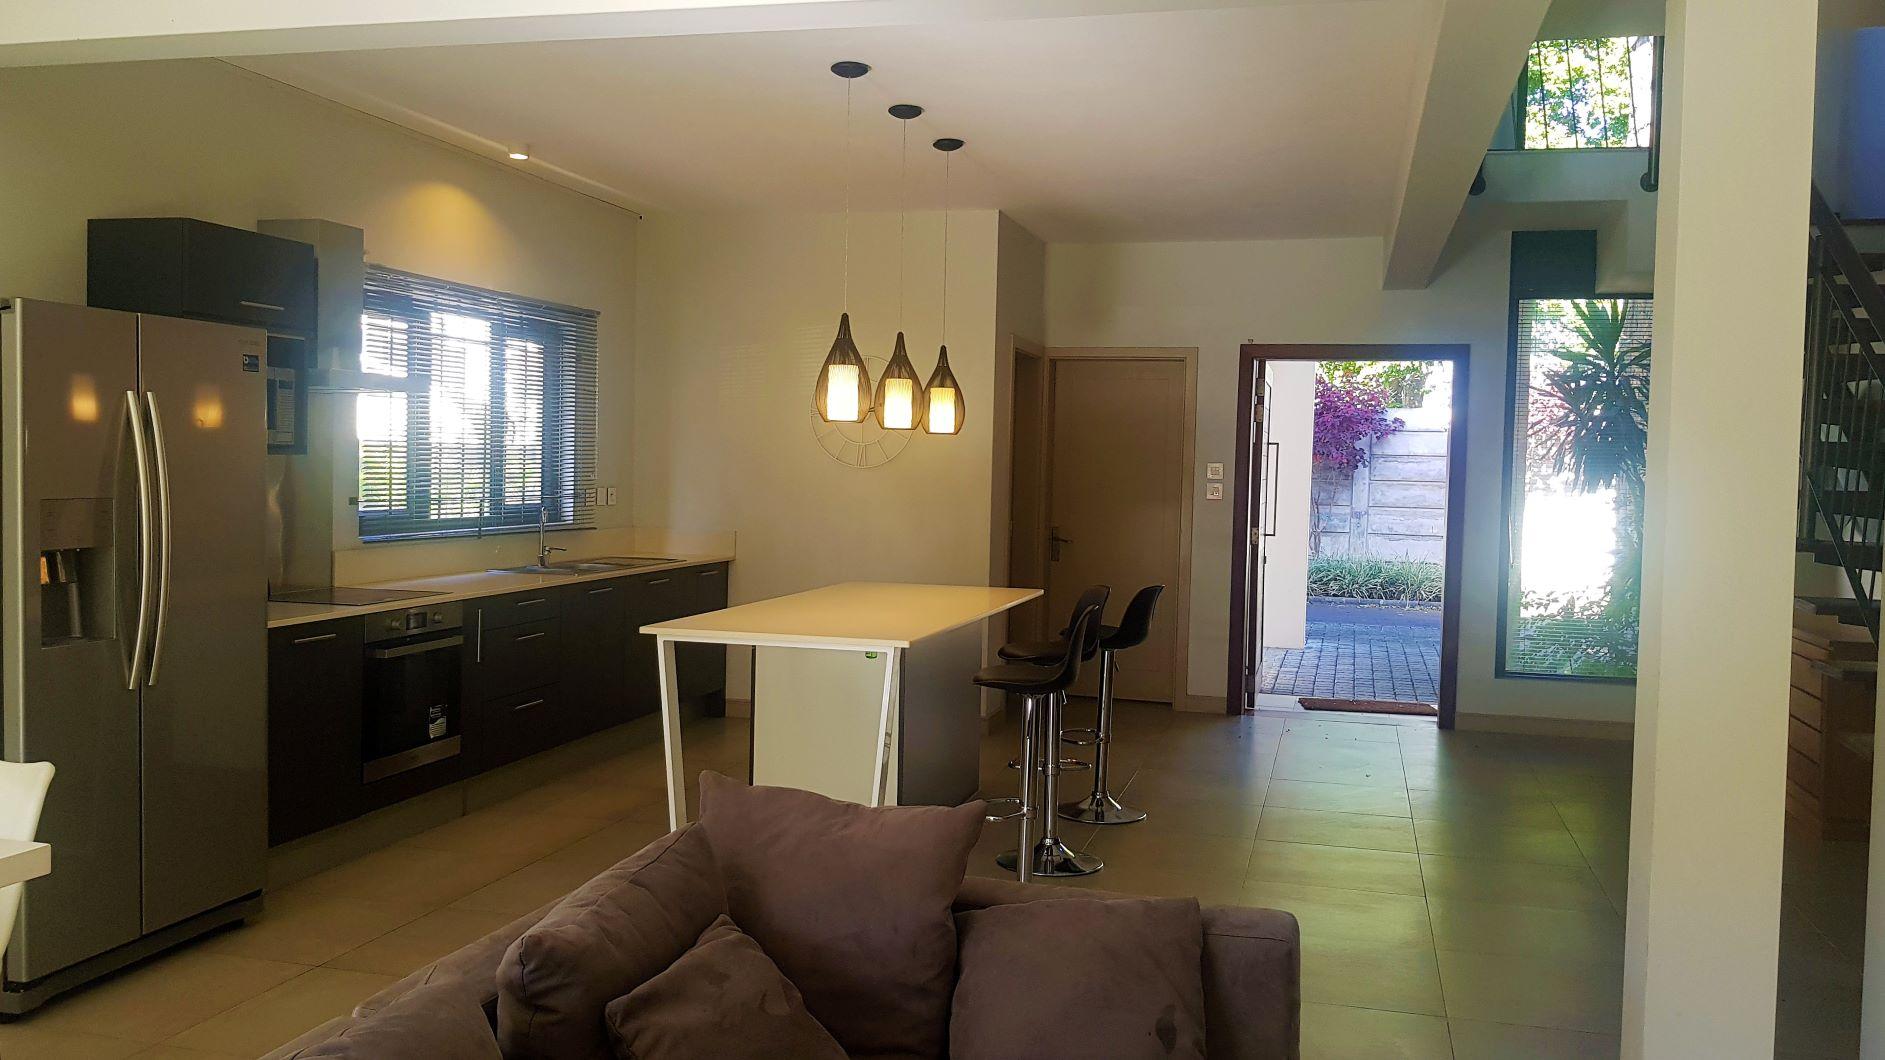 Trianon, 3 bedroom duplex for rent